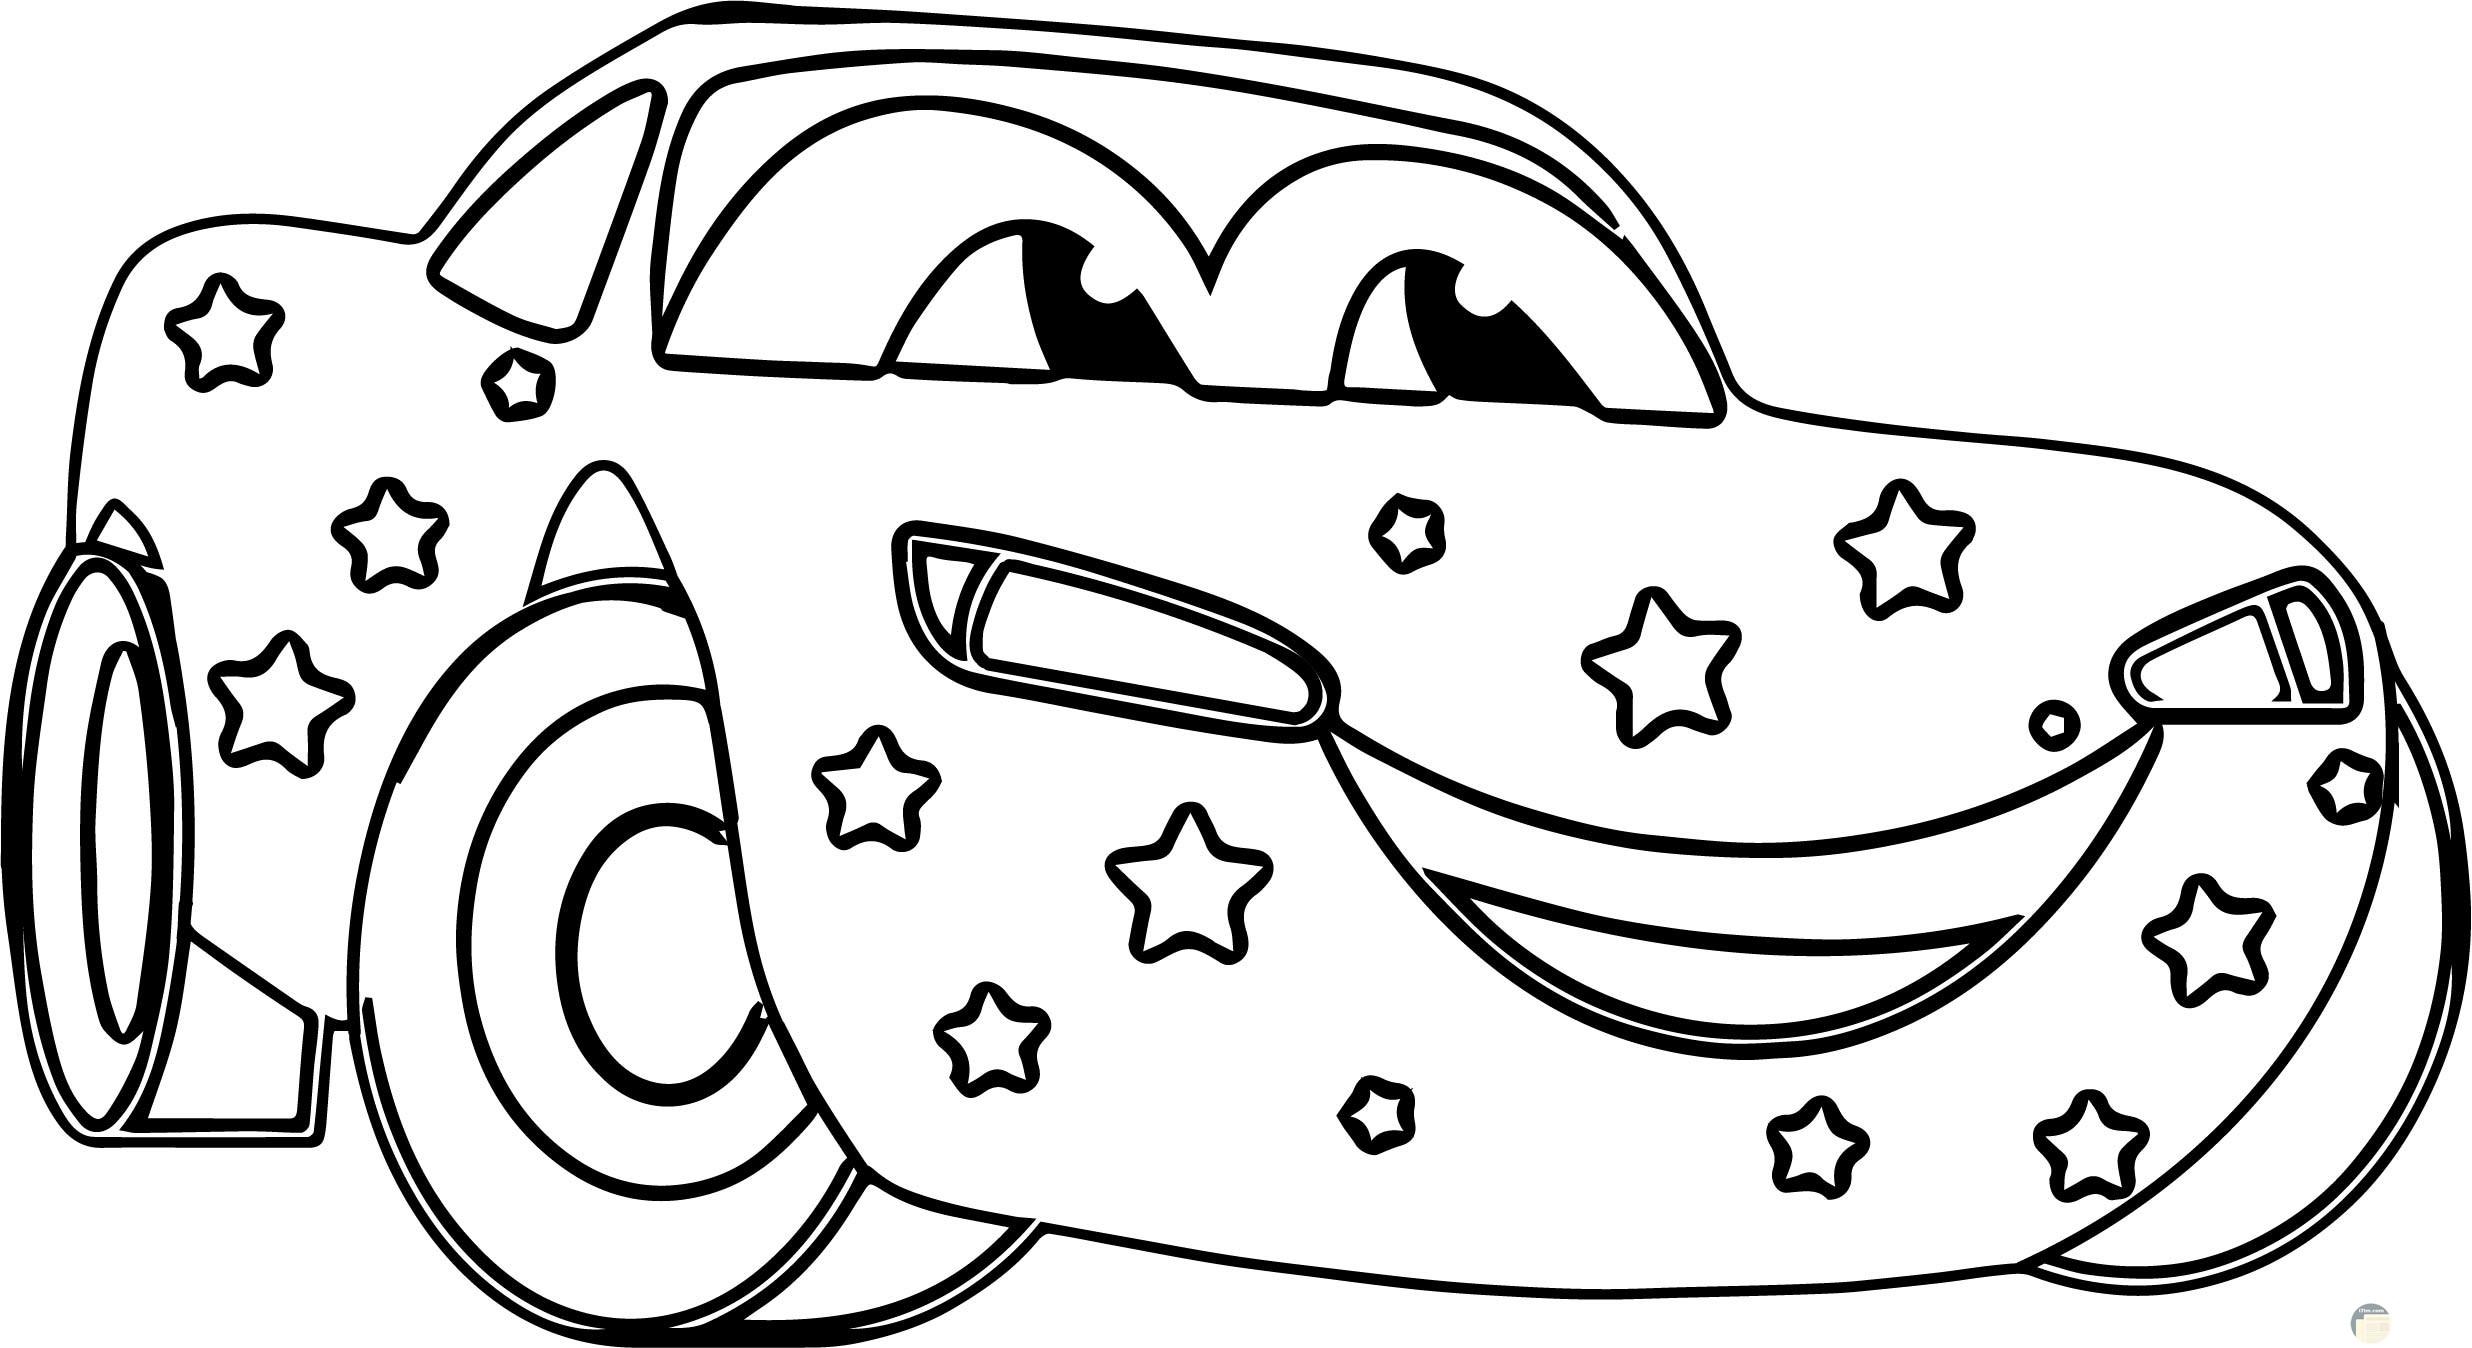 صورة سيارة سباق للتلوين للأطفال عليها نجوم